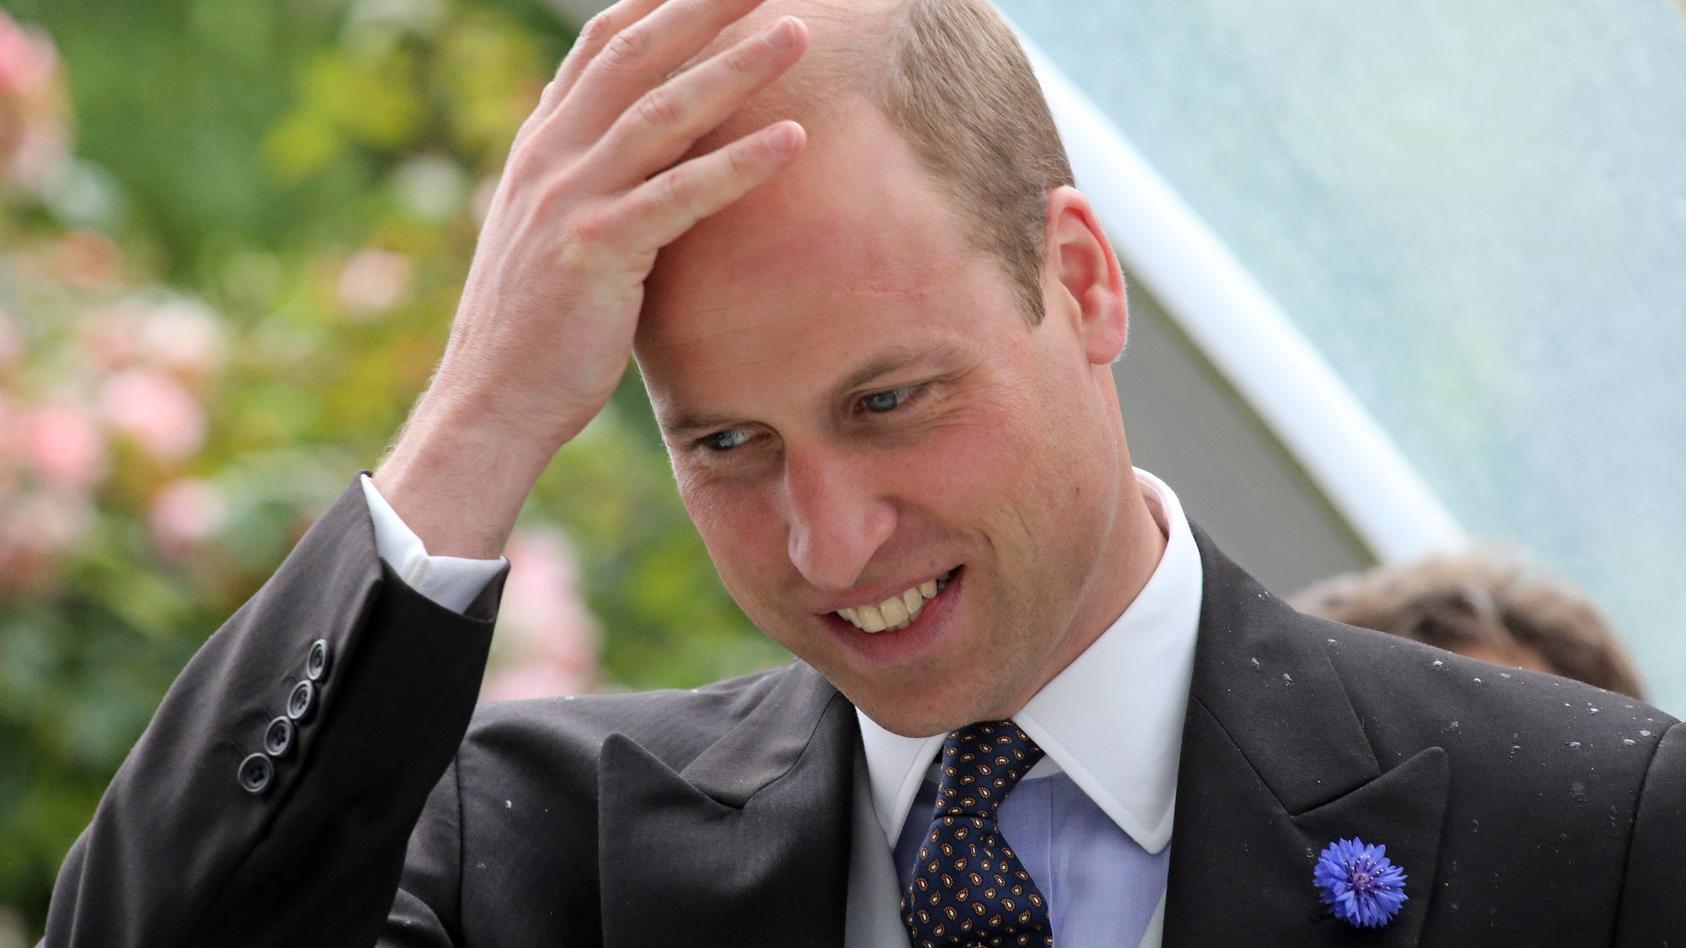 Prinz William wäre vor Jahren mal fast von einem Wachhund gebissen worden.